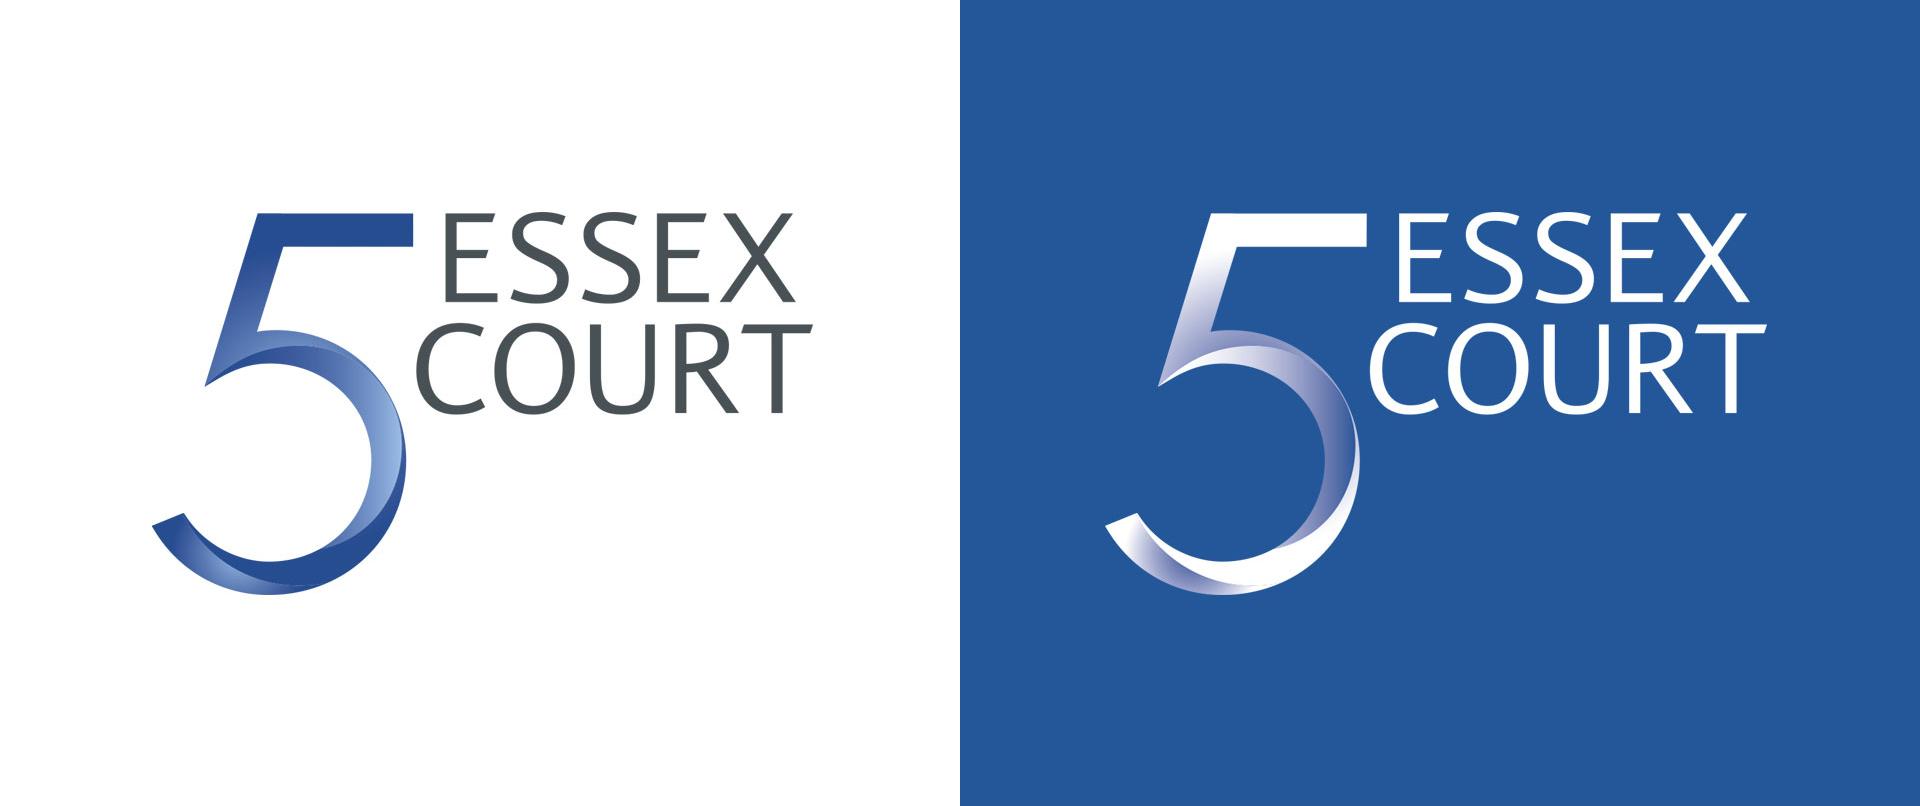 5 Essex Court